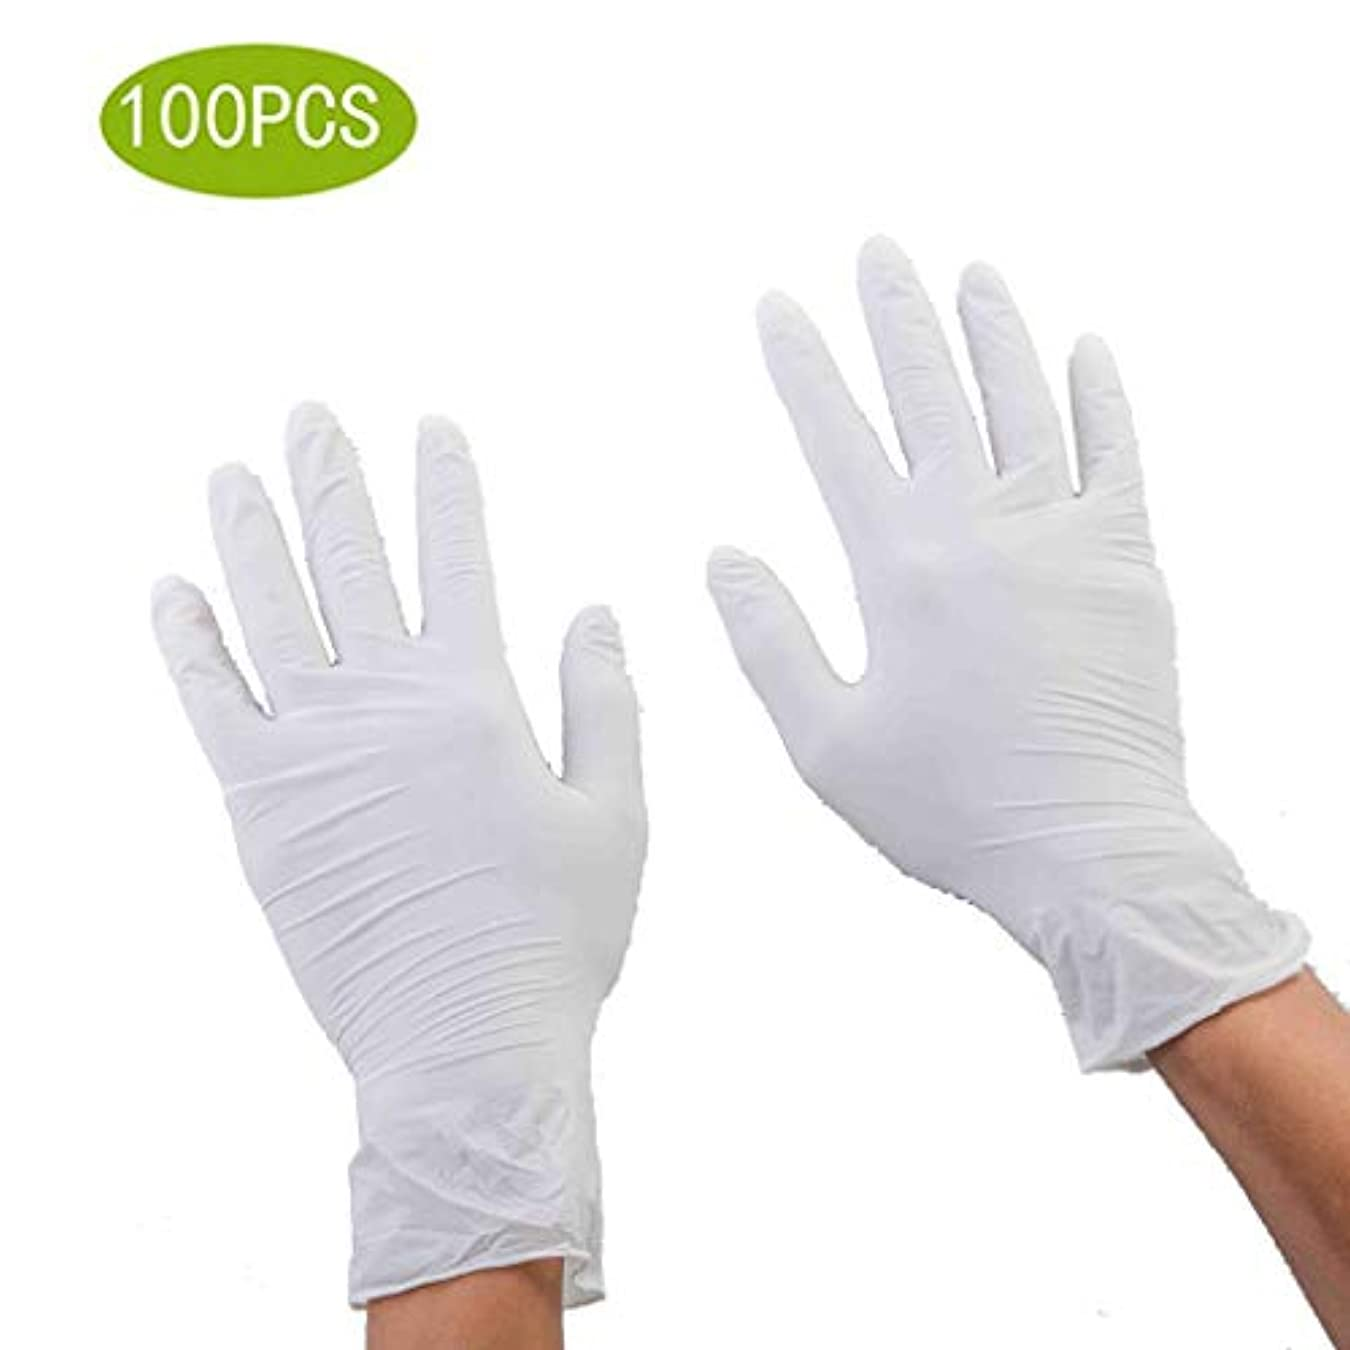 ローン読書をする放映家庭用クリーニング手袋ニトリル検査用手袋 - 医療用グレード、パウダーフリー、ラテックスゴムフリー、使い捨て、食品安全 (Size : L)